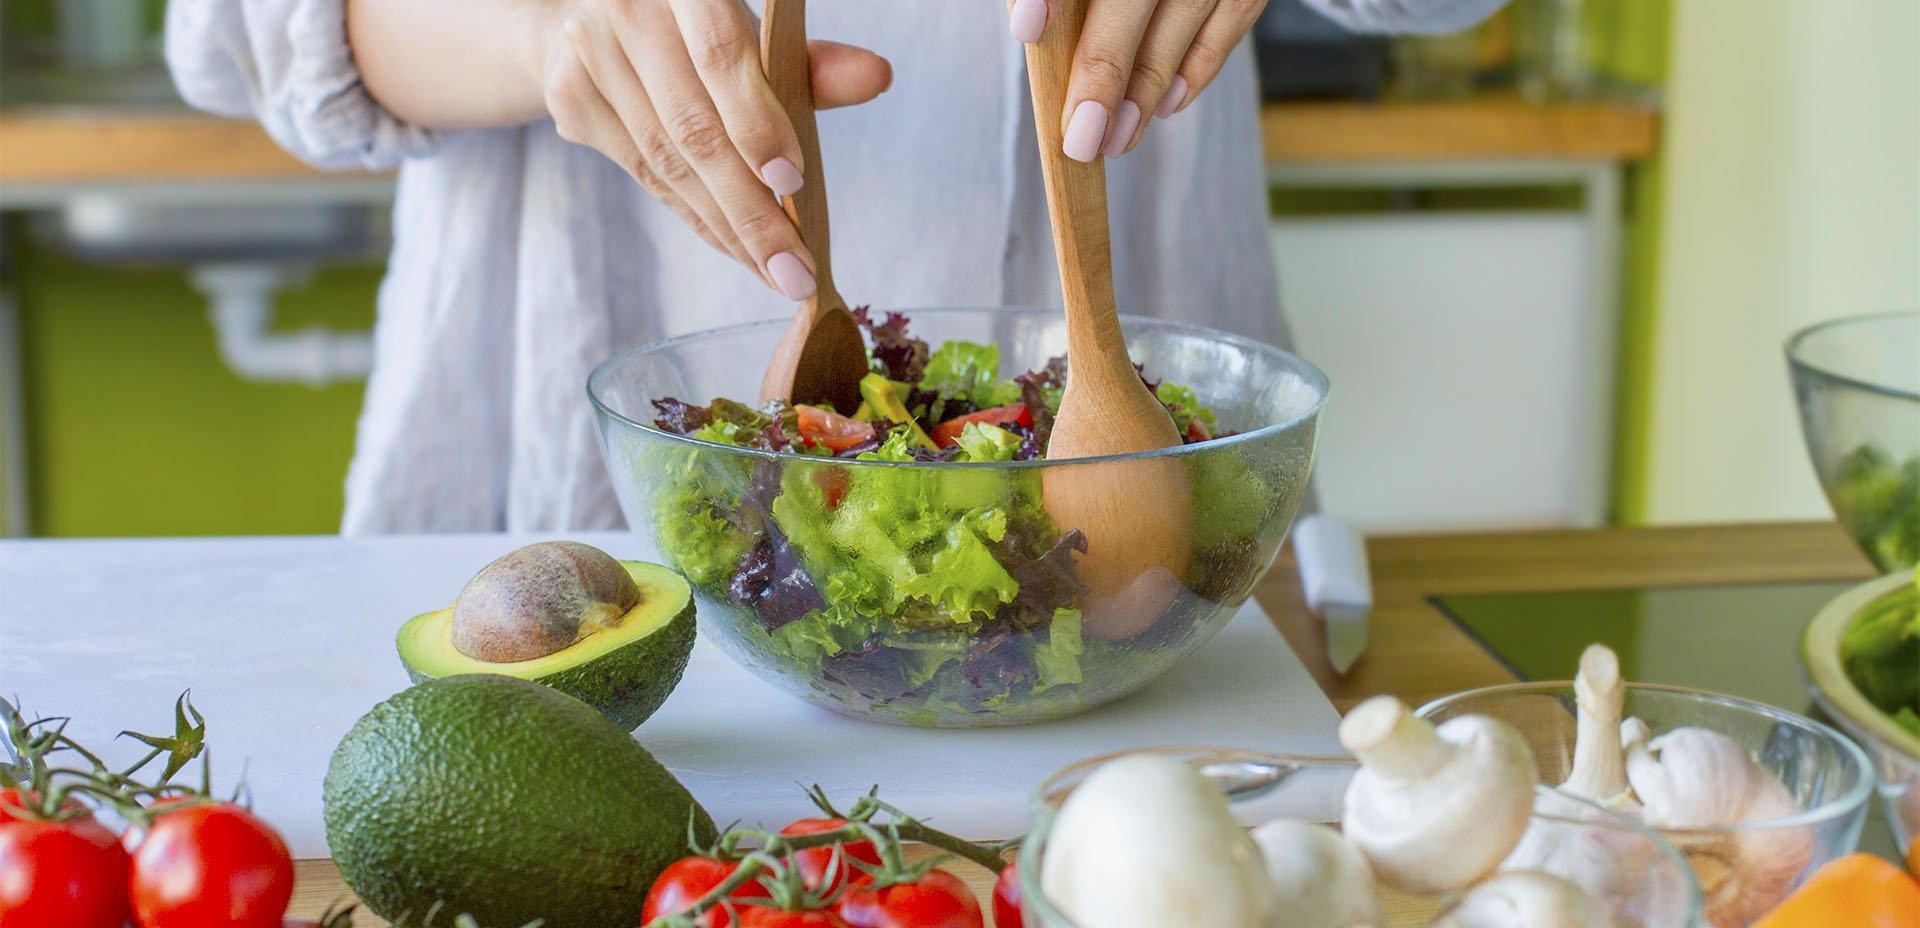 La dieta non dieta: il meccanismo che non funziona nelle diete